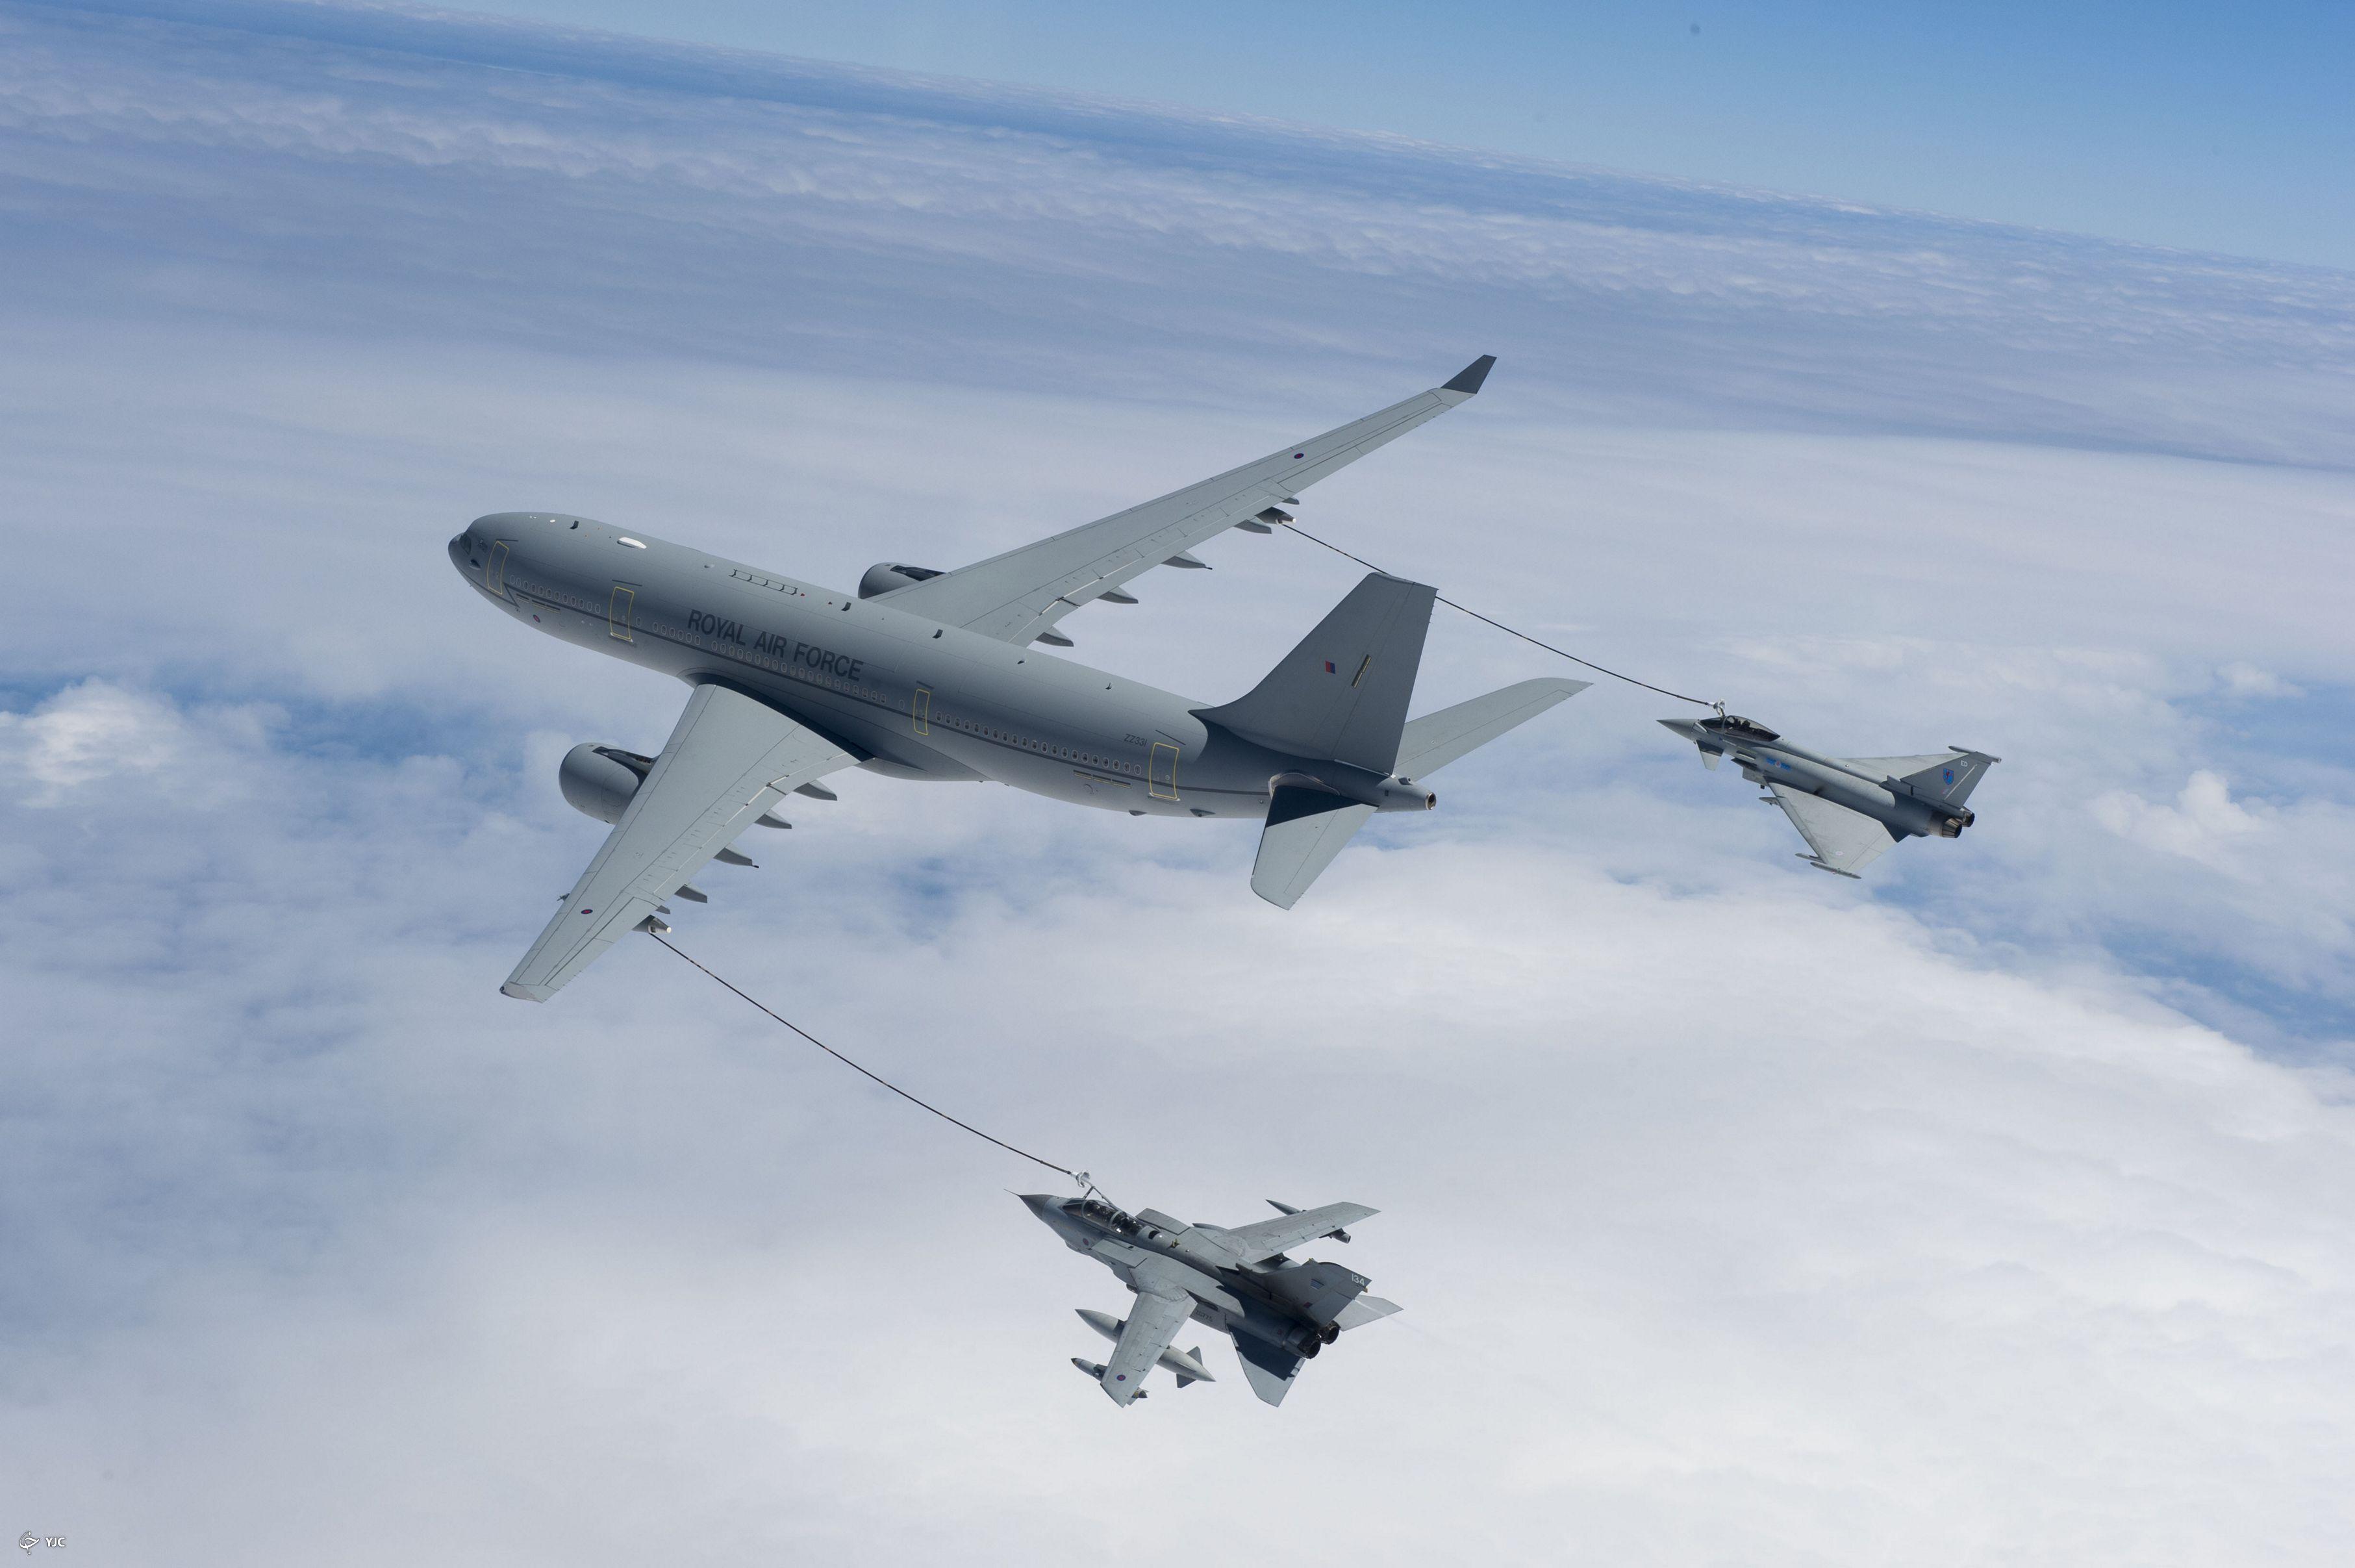 پمپ بنزین هوایی؛ سوختگیری هواپیما در حال پرواز